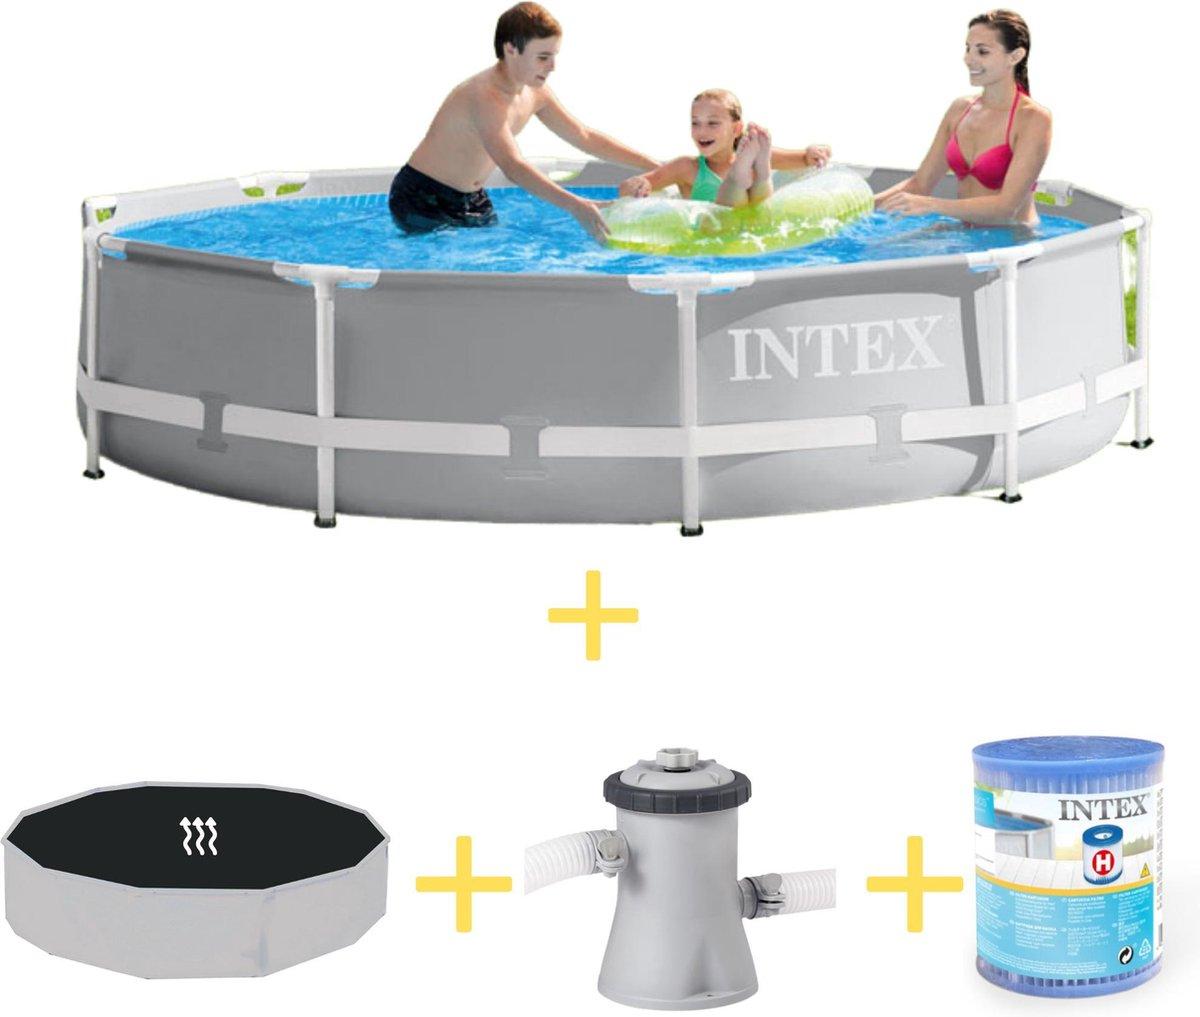 Intex Zwembad - Prism Frame - 305 x 76 cm - Inclusief Solarzeil, Filterpomp & Filter